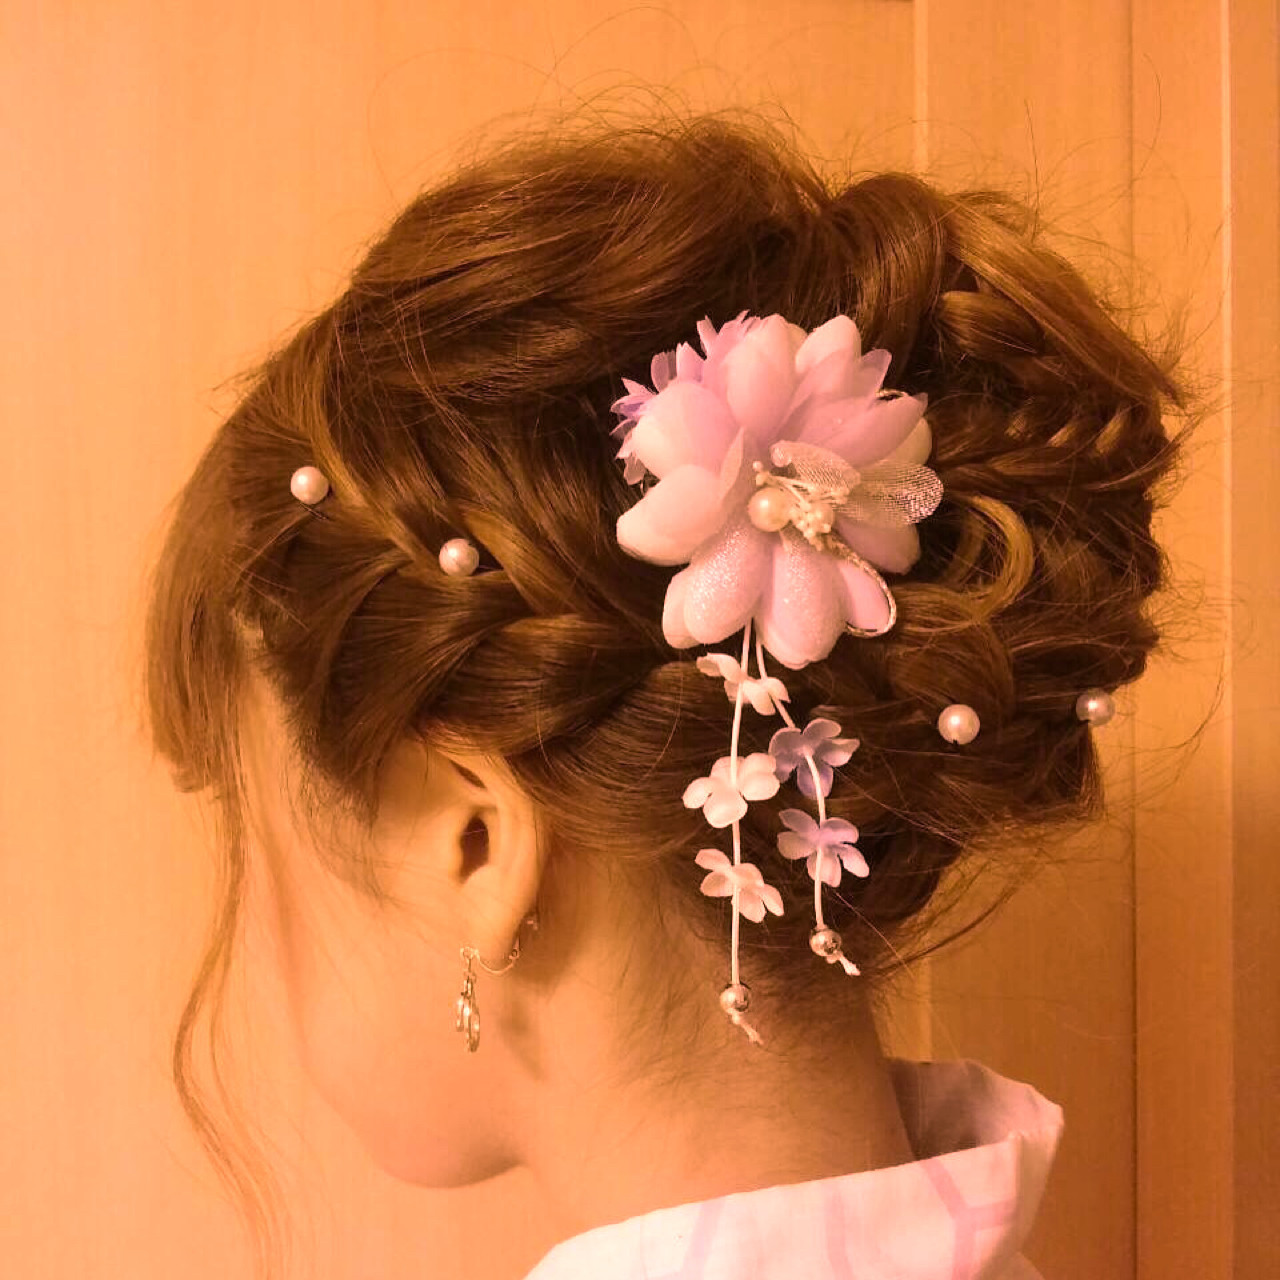 ラフ 編み込み ヘアアレンジ 和装 ヘアスタイルや髪型の写真・画像